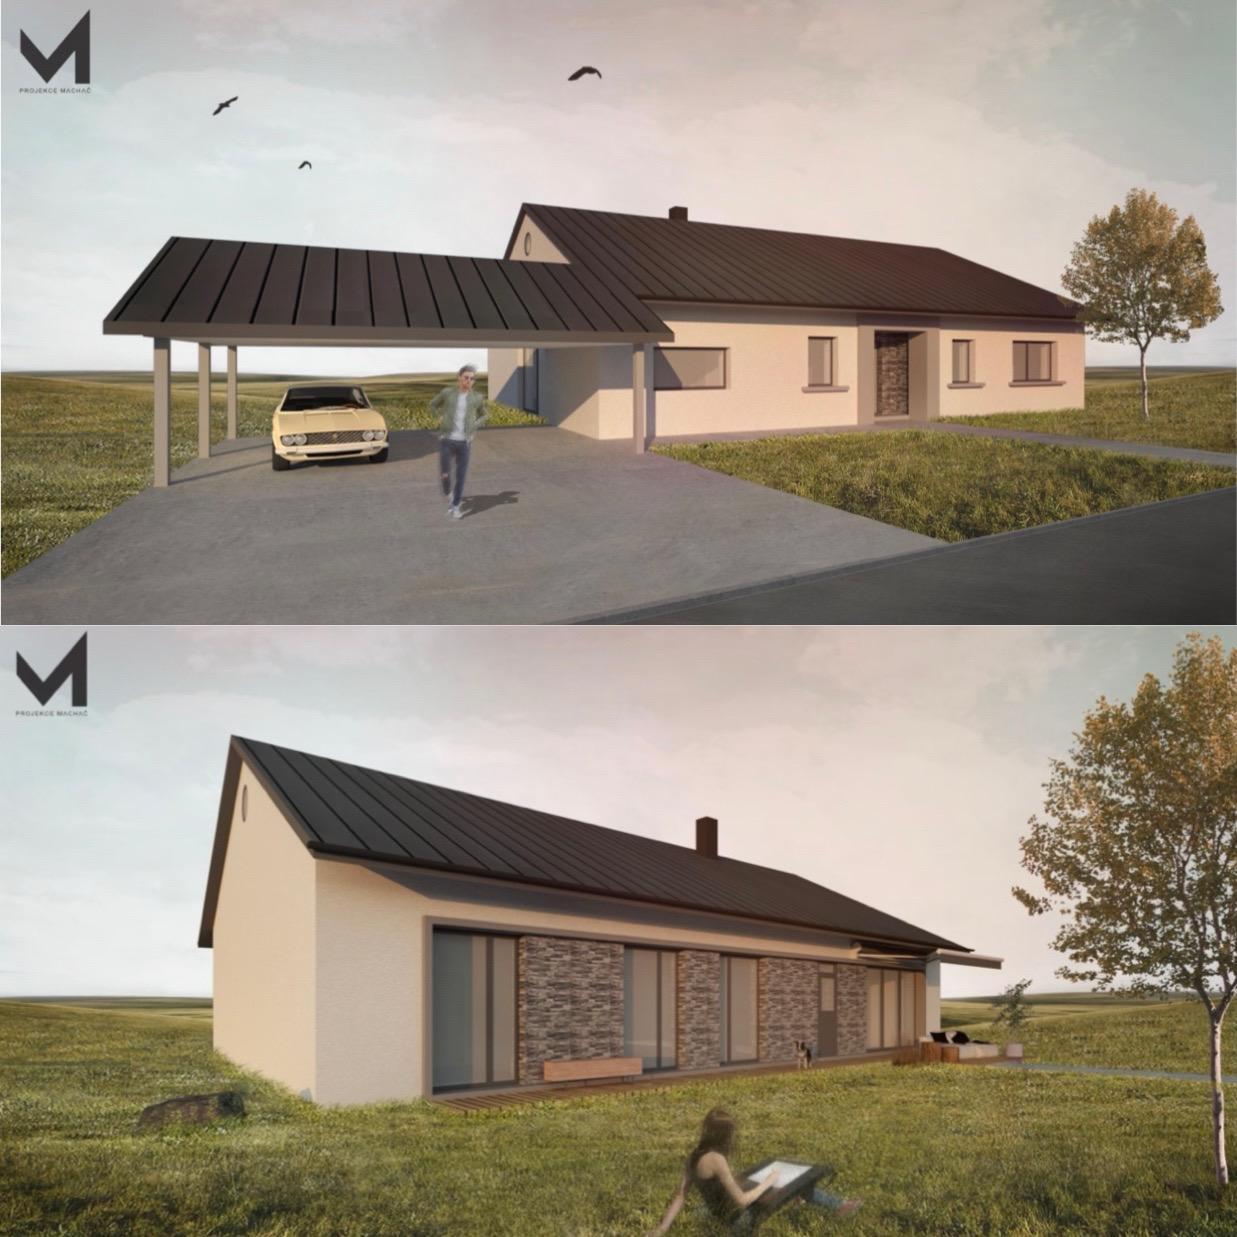 Začátek našeho vysněného bydlení🏡 - 3D vizualizace našeho domečku. :)